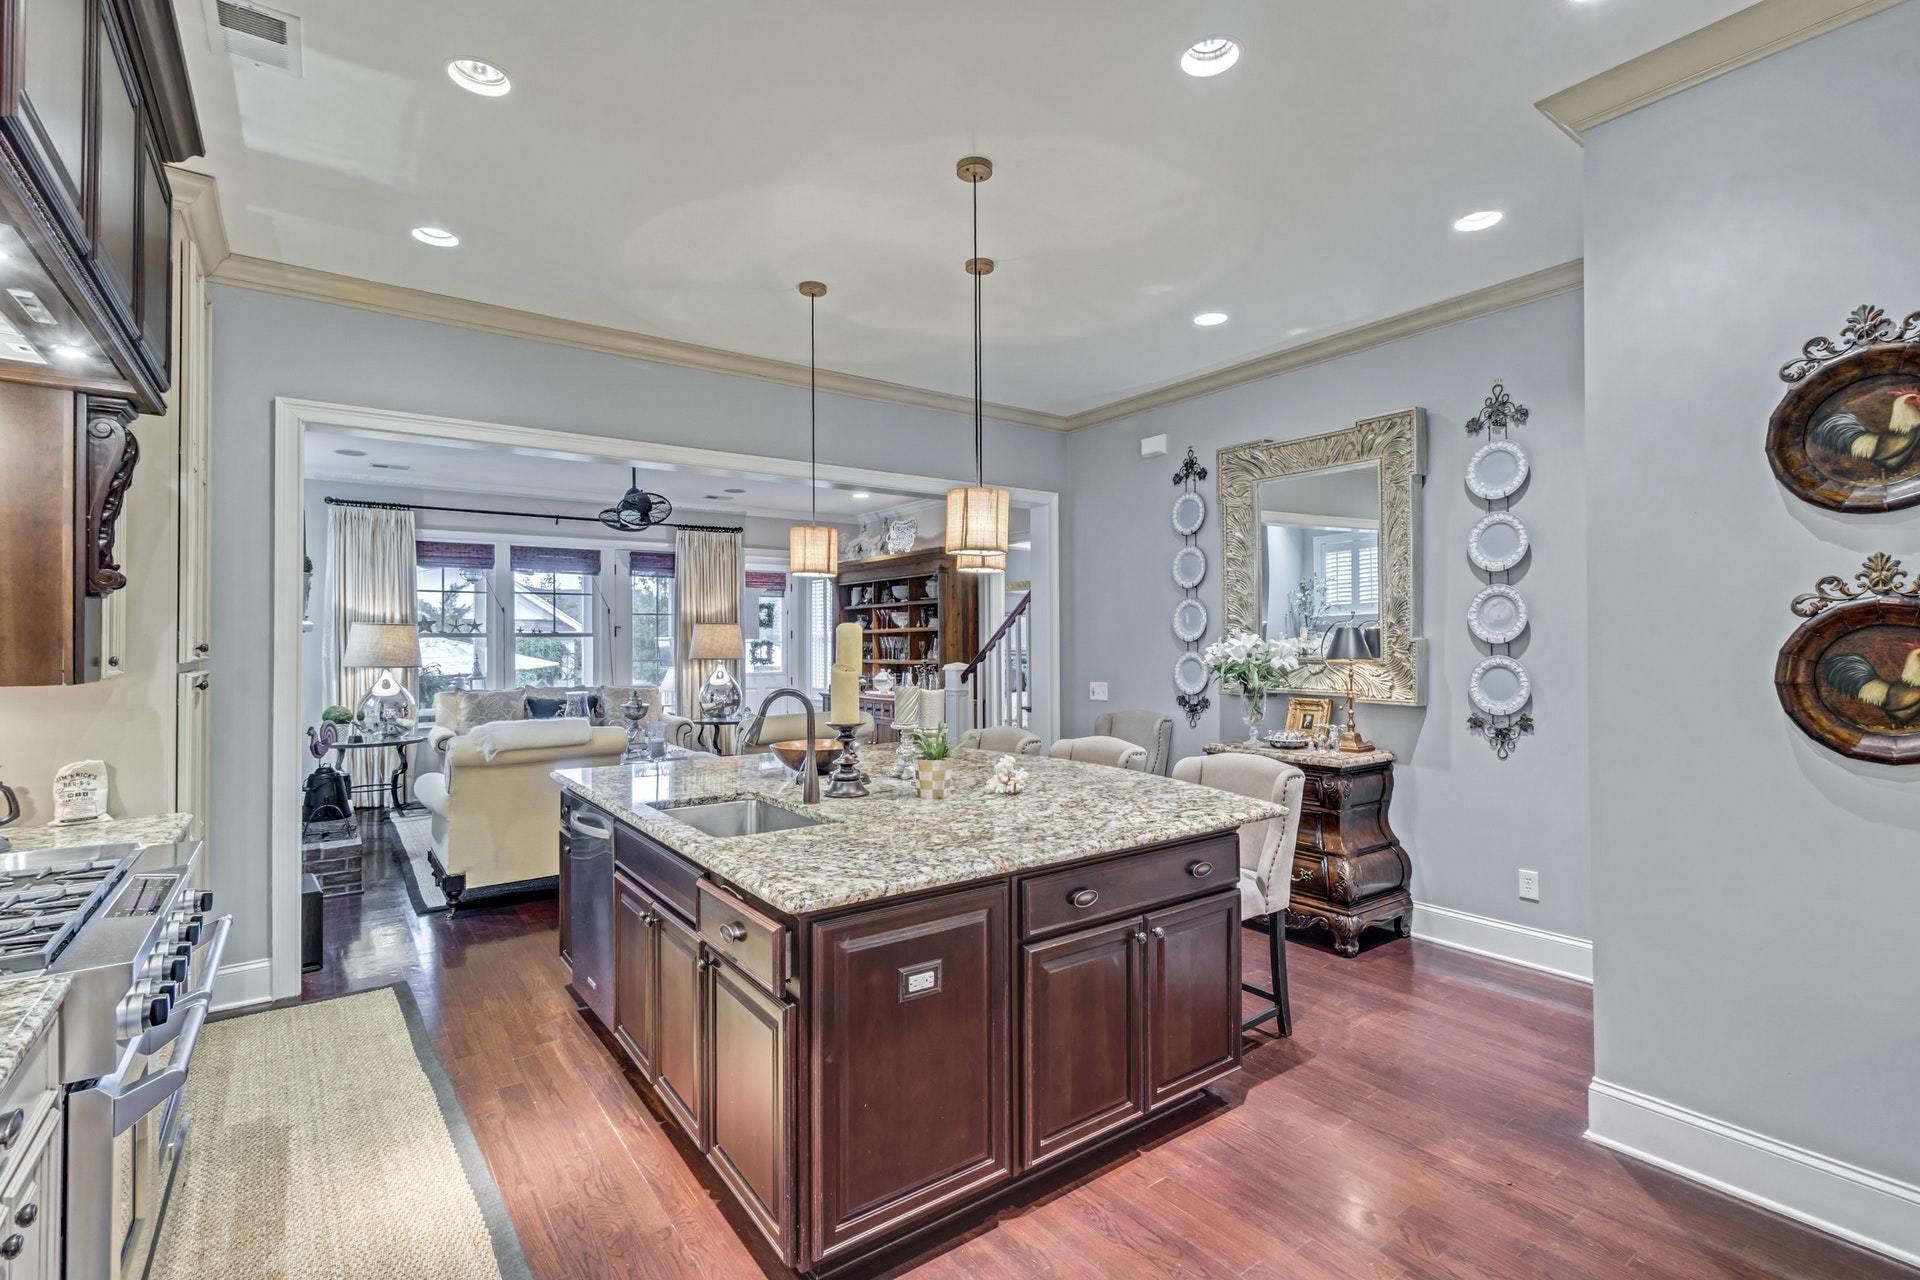 Dunes West Homes For Sale - 2816 River Vista, Mount Pleasant, SC - 1